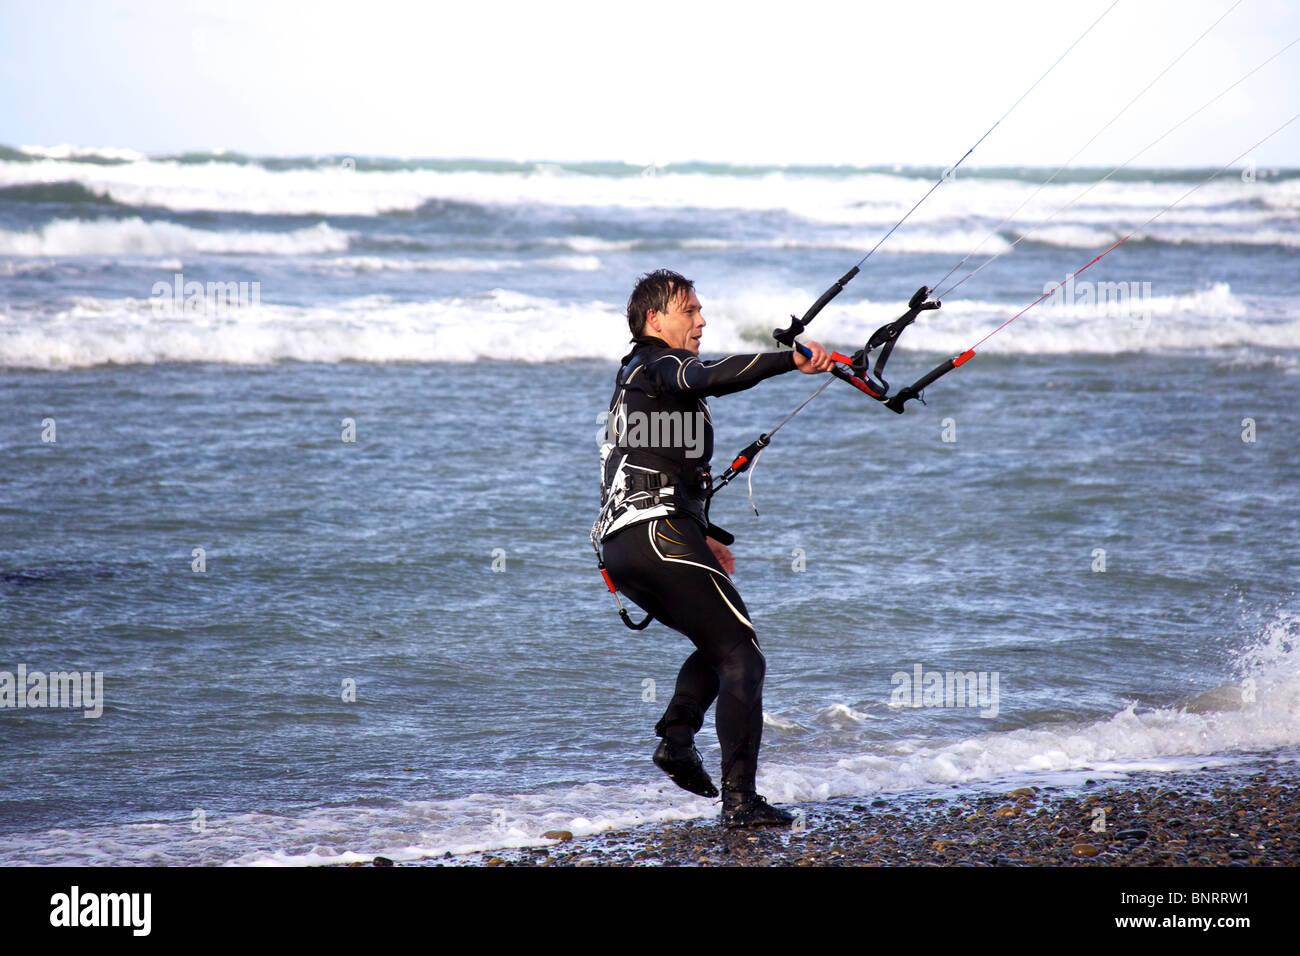 Un mâle kitesurfer se prépare à monter à nouveau. Photo Stock